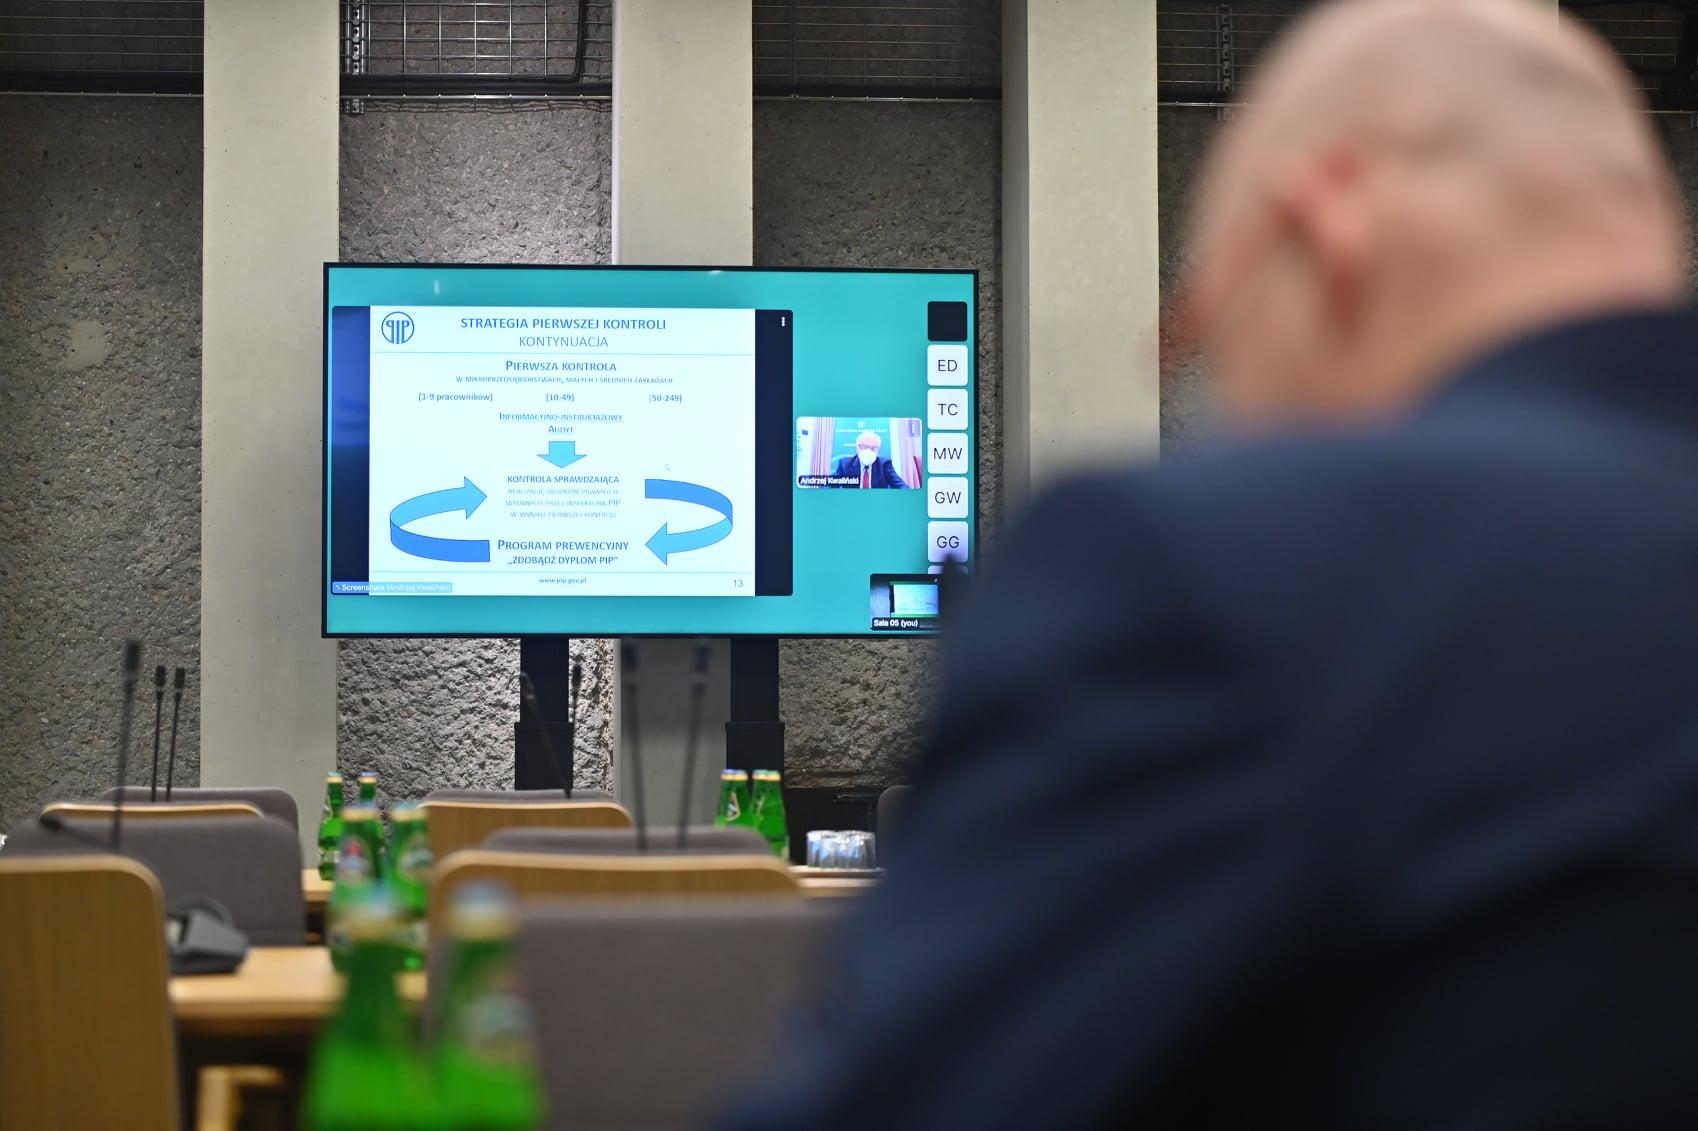 Posiedzenie sejmowej Komisji ds. Kontroli Państwowej. W 2021 roku PIP planuje przeprowadzić 52 tys. kontroli - dużo mniej w 2019 roku. Są tego przyczyny... (fot. Facebook/ Sejm Rzeczypospolitej Polskiej)